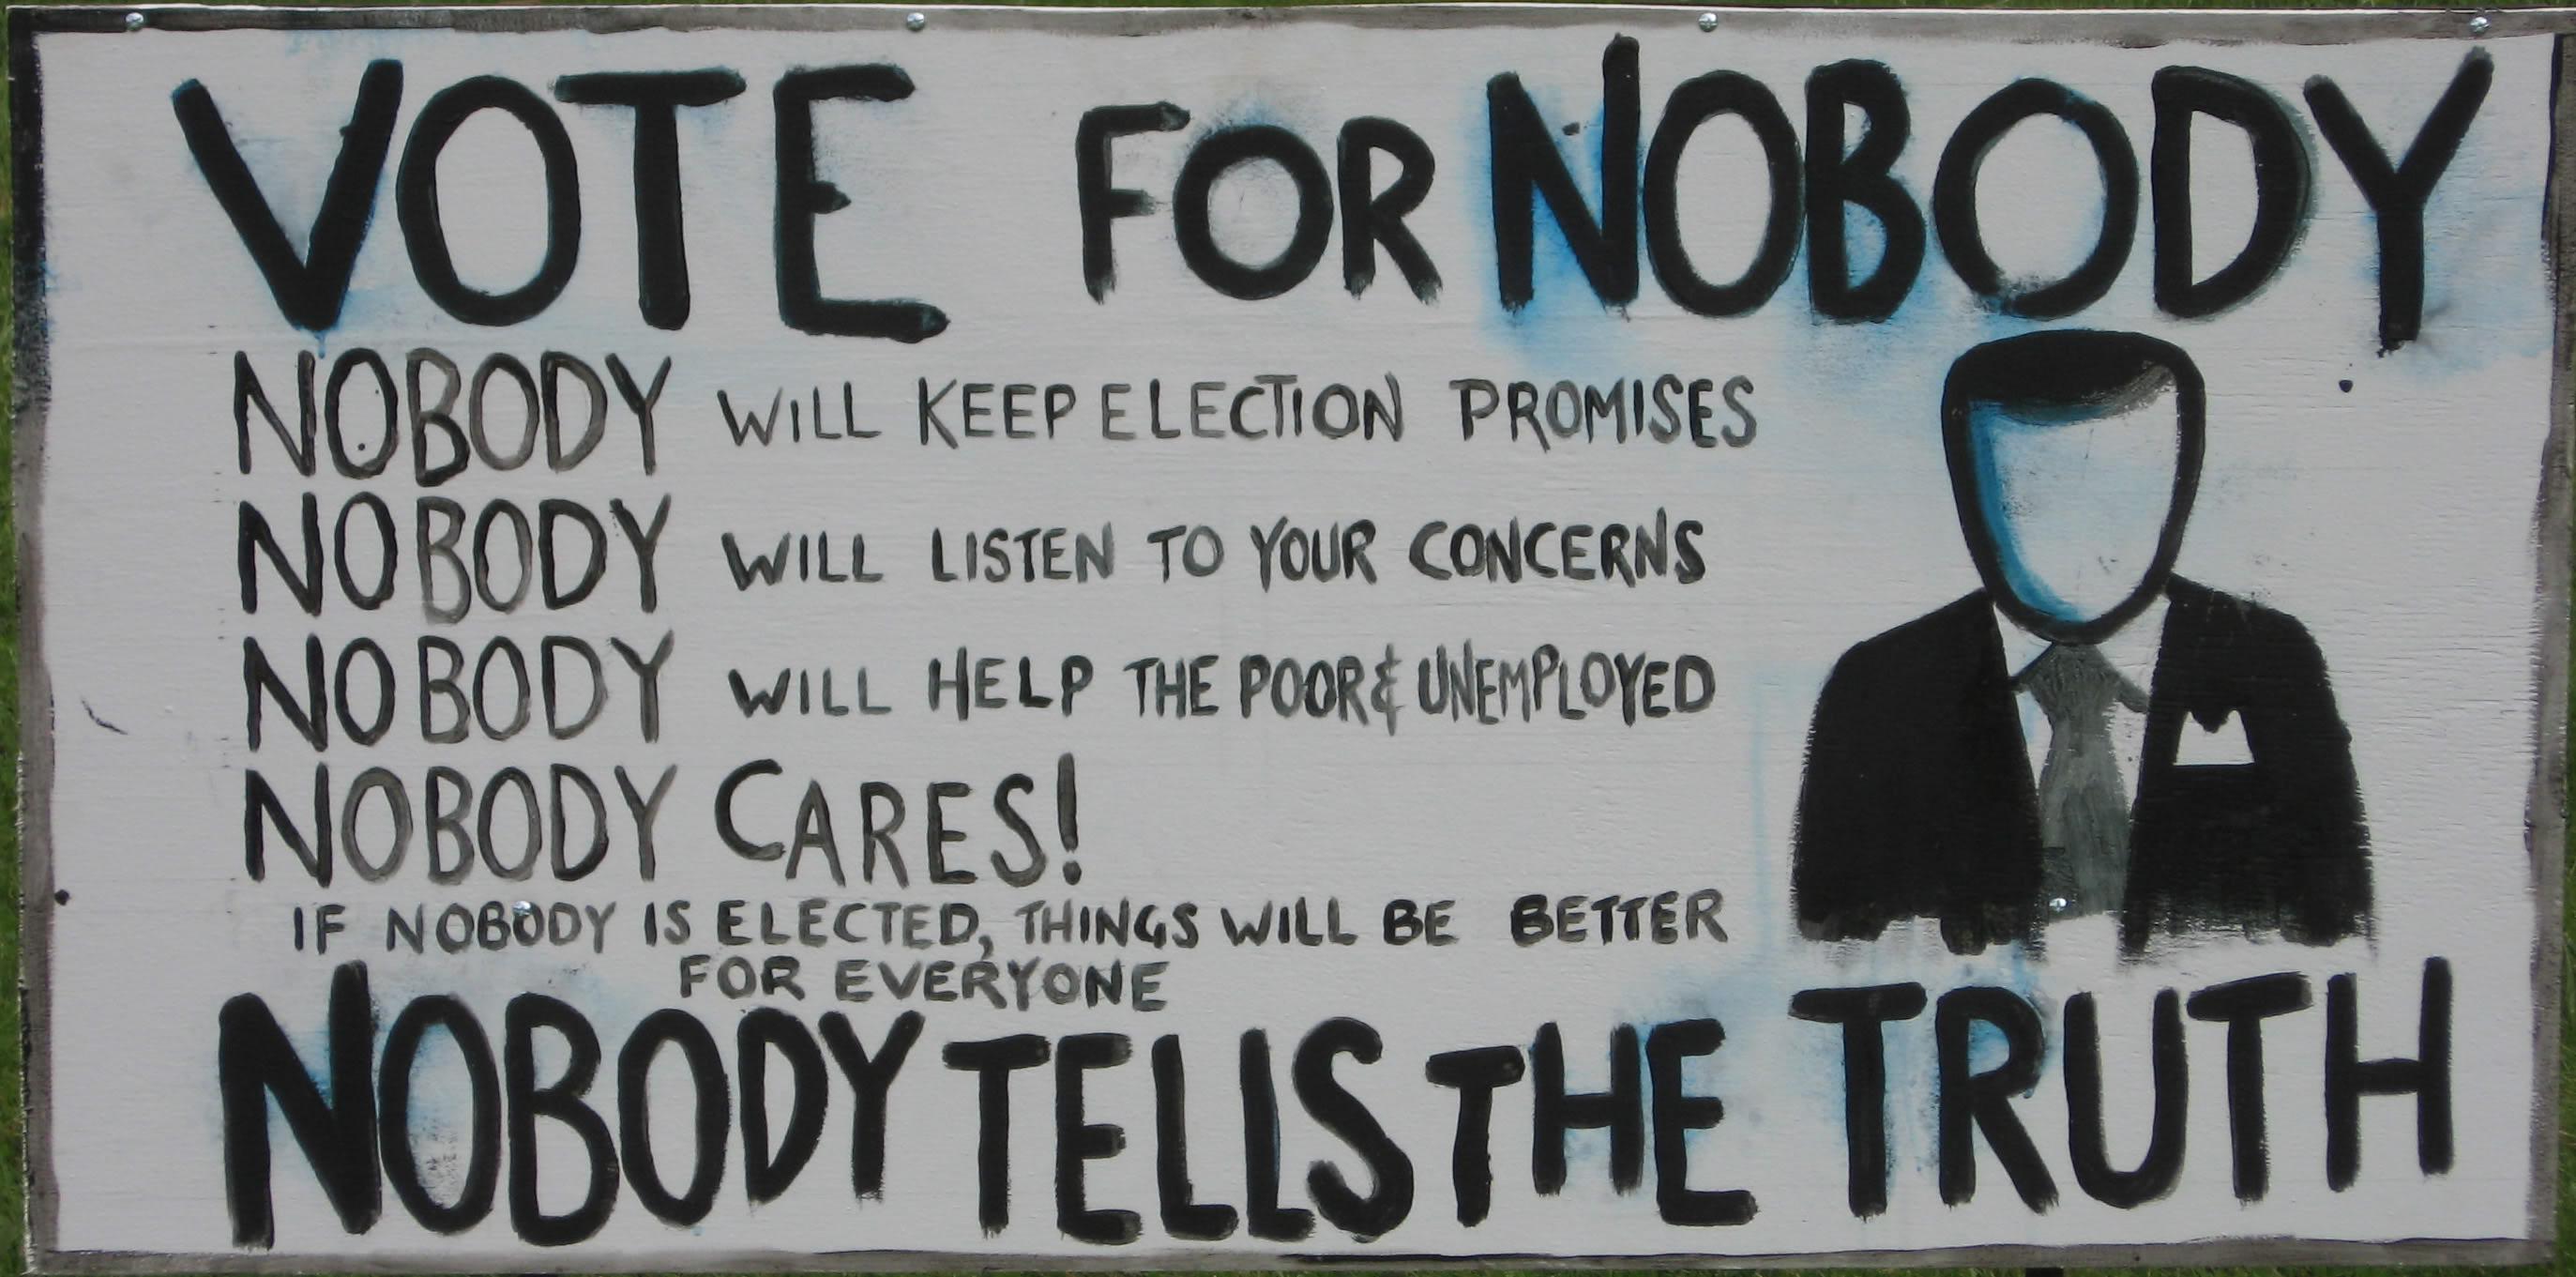 VoteForNobody1